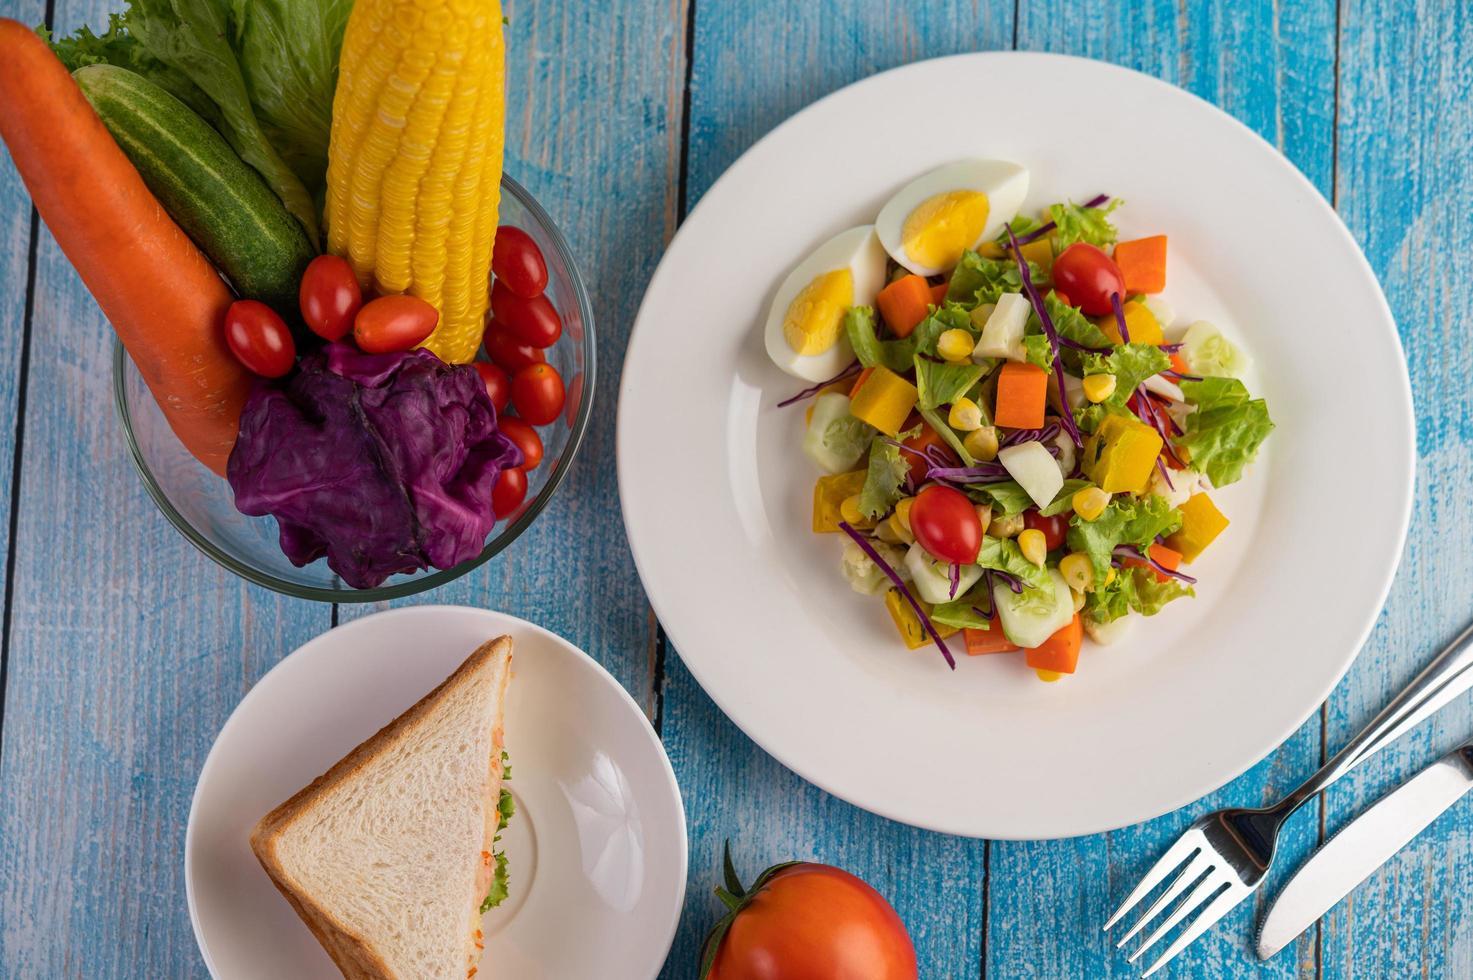 salade fraîche sur une assiette blanche avec un sandwich et des tomates photo